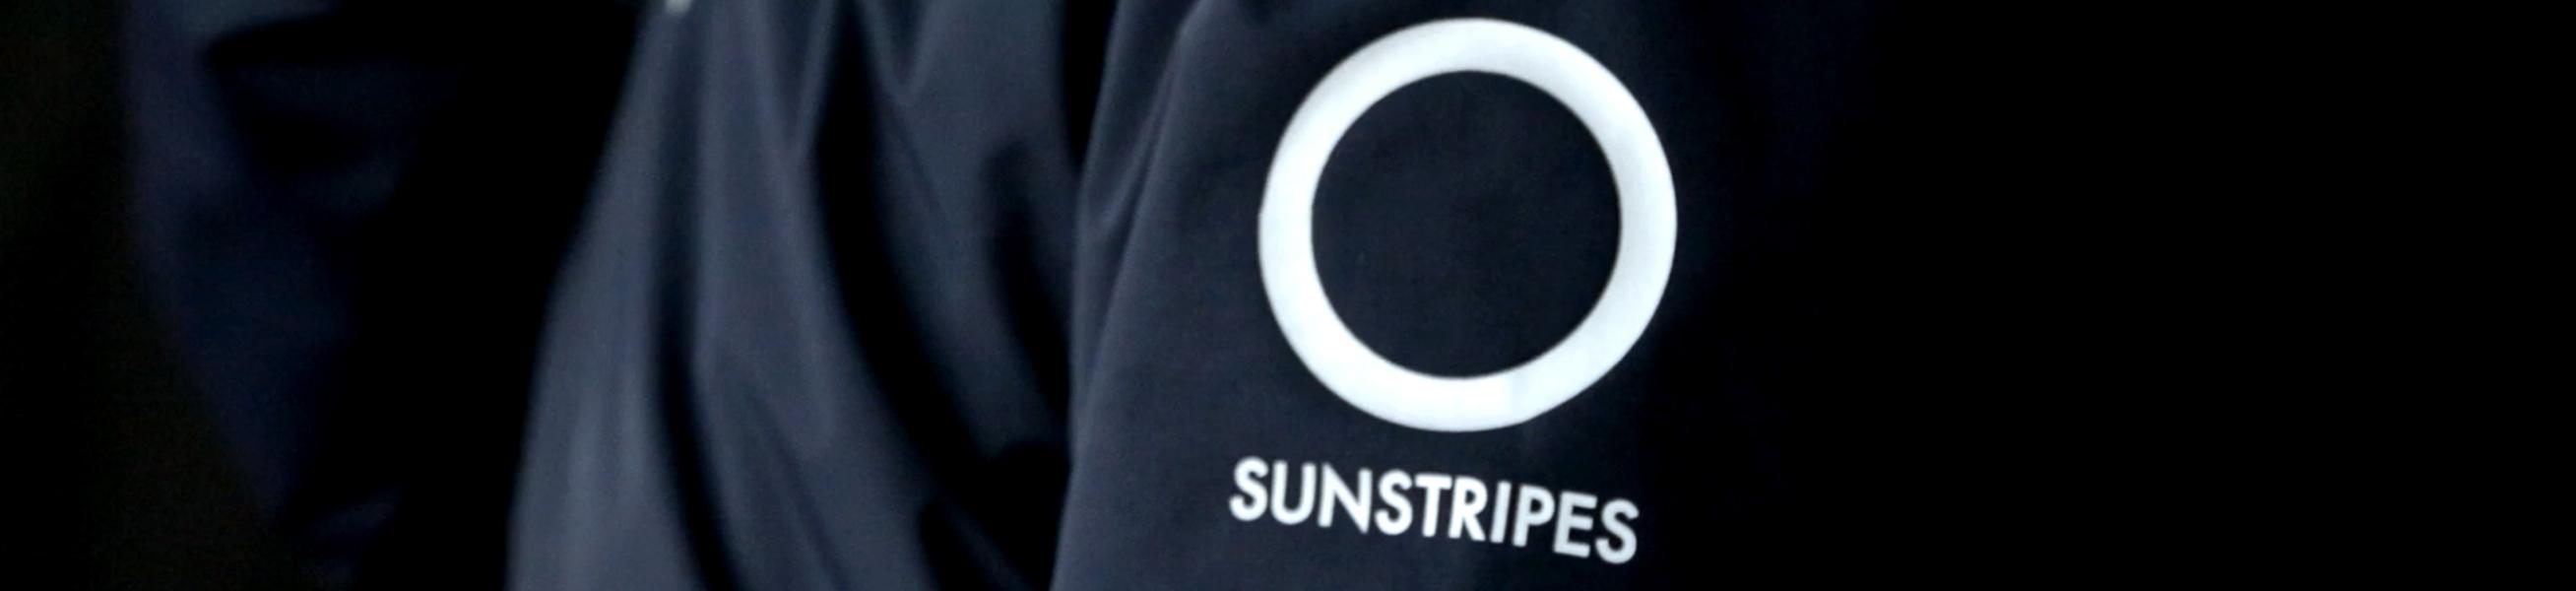 Sunstripe herenkleding